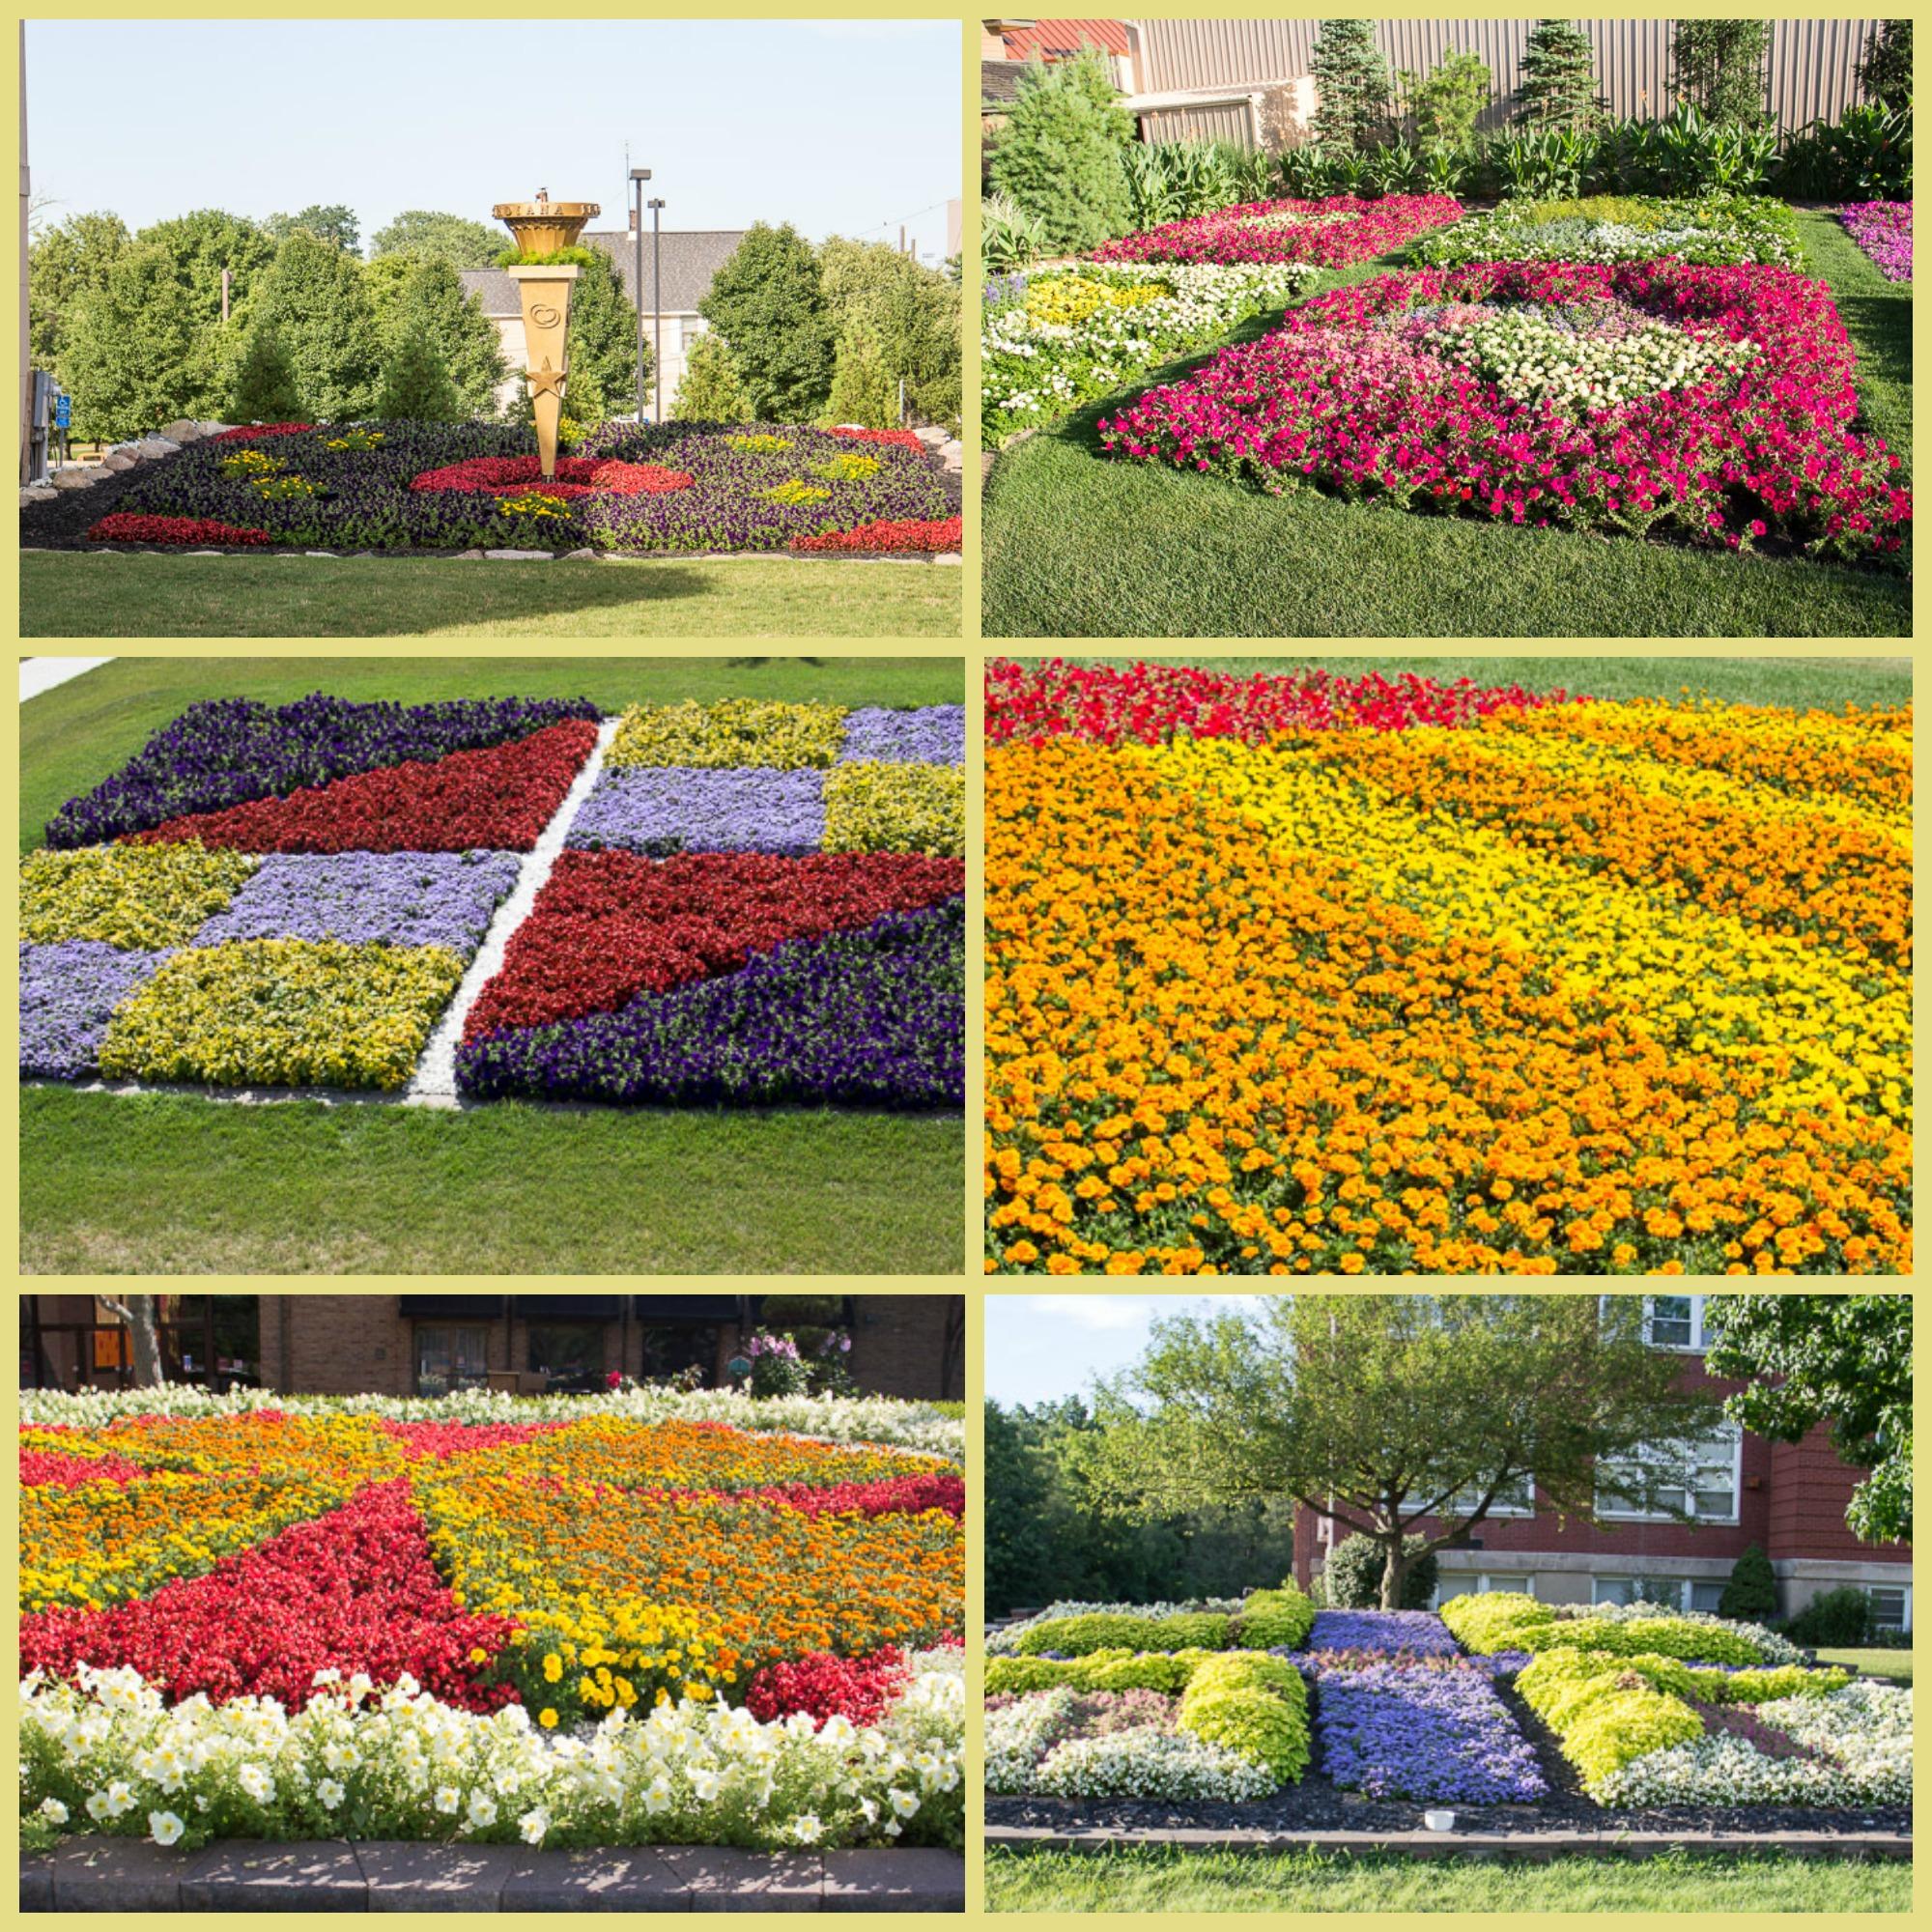 Sampling of Quilt Gardens along the Quilt Garden Tour